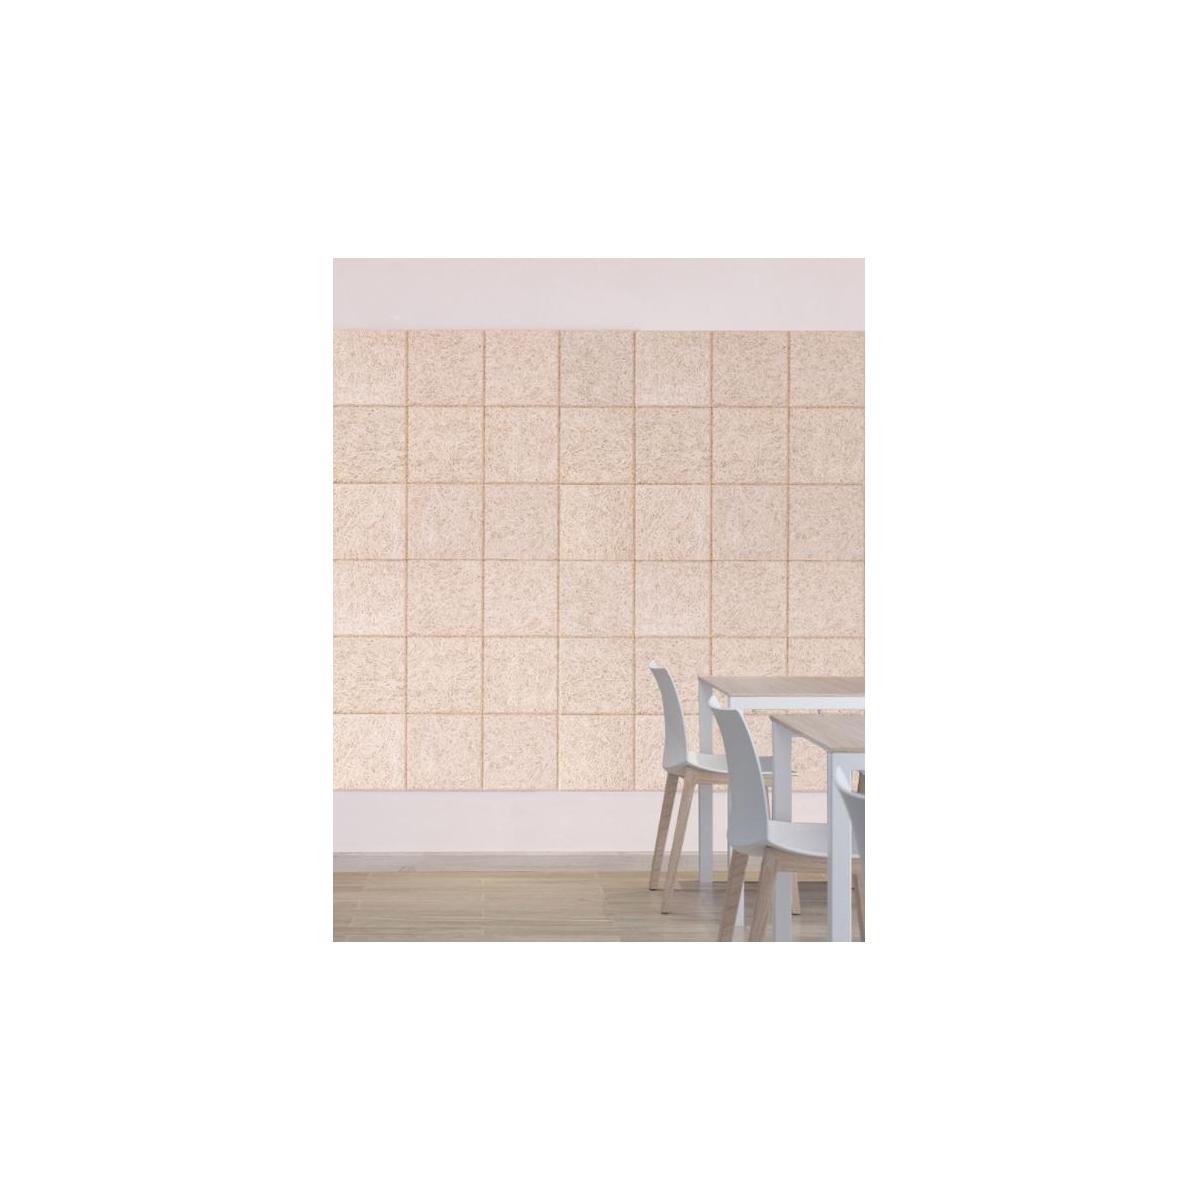 Panel sintético Legnomuro Gris Medio 29x29 al mejor precio